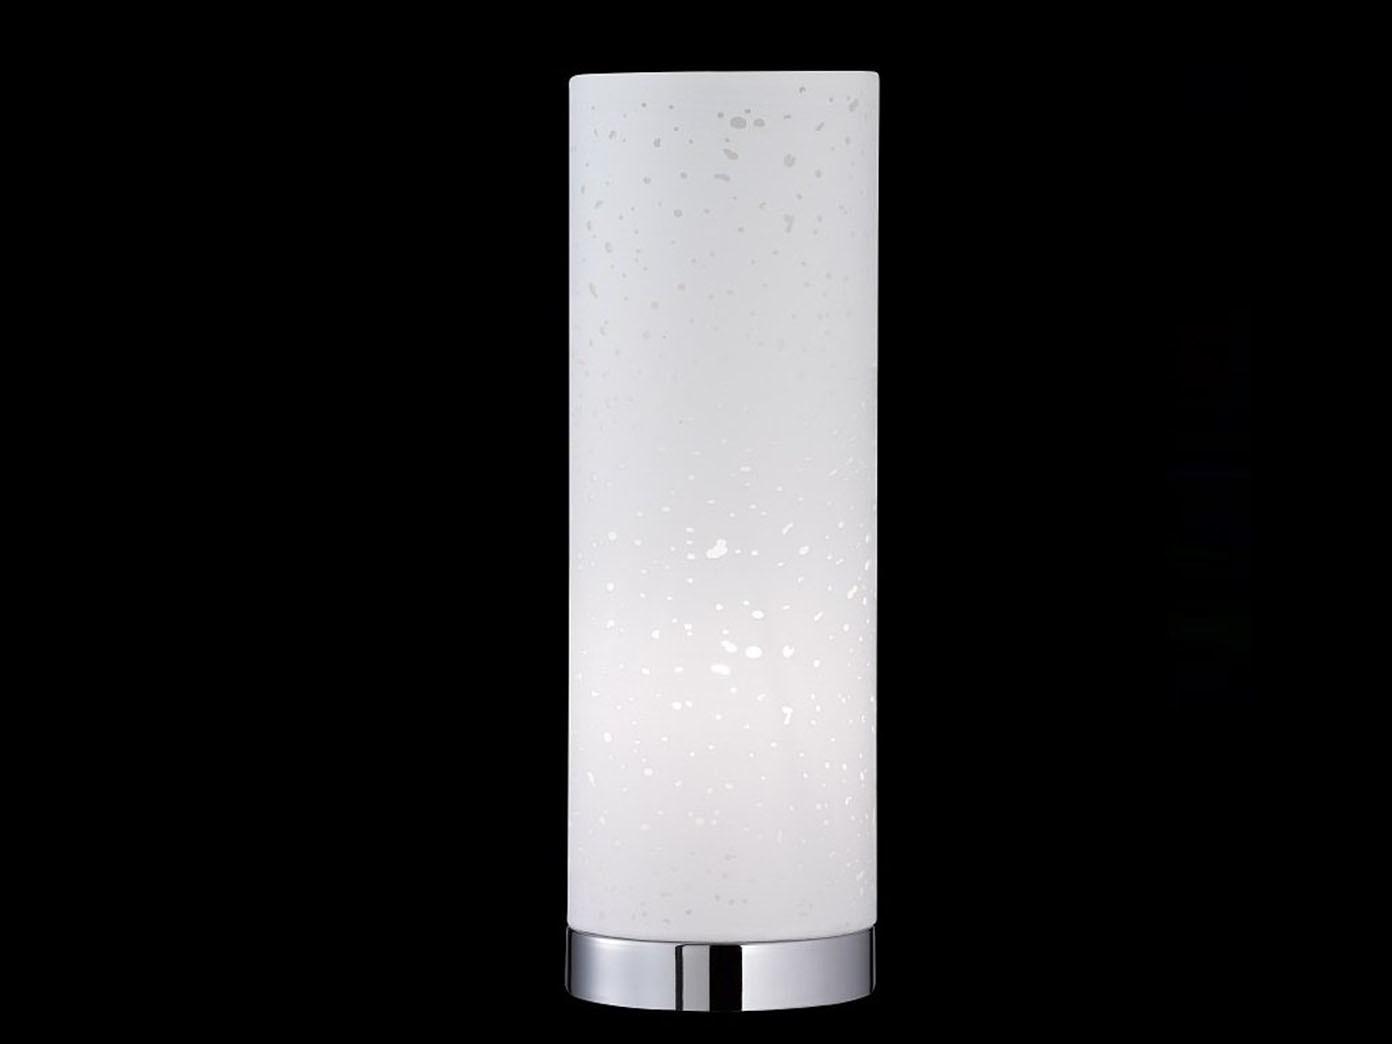 Nachttischlampe Design Kleine Tischlampe E14 Chrom mit Lampenschirm Stoff weiß